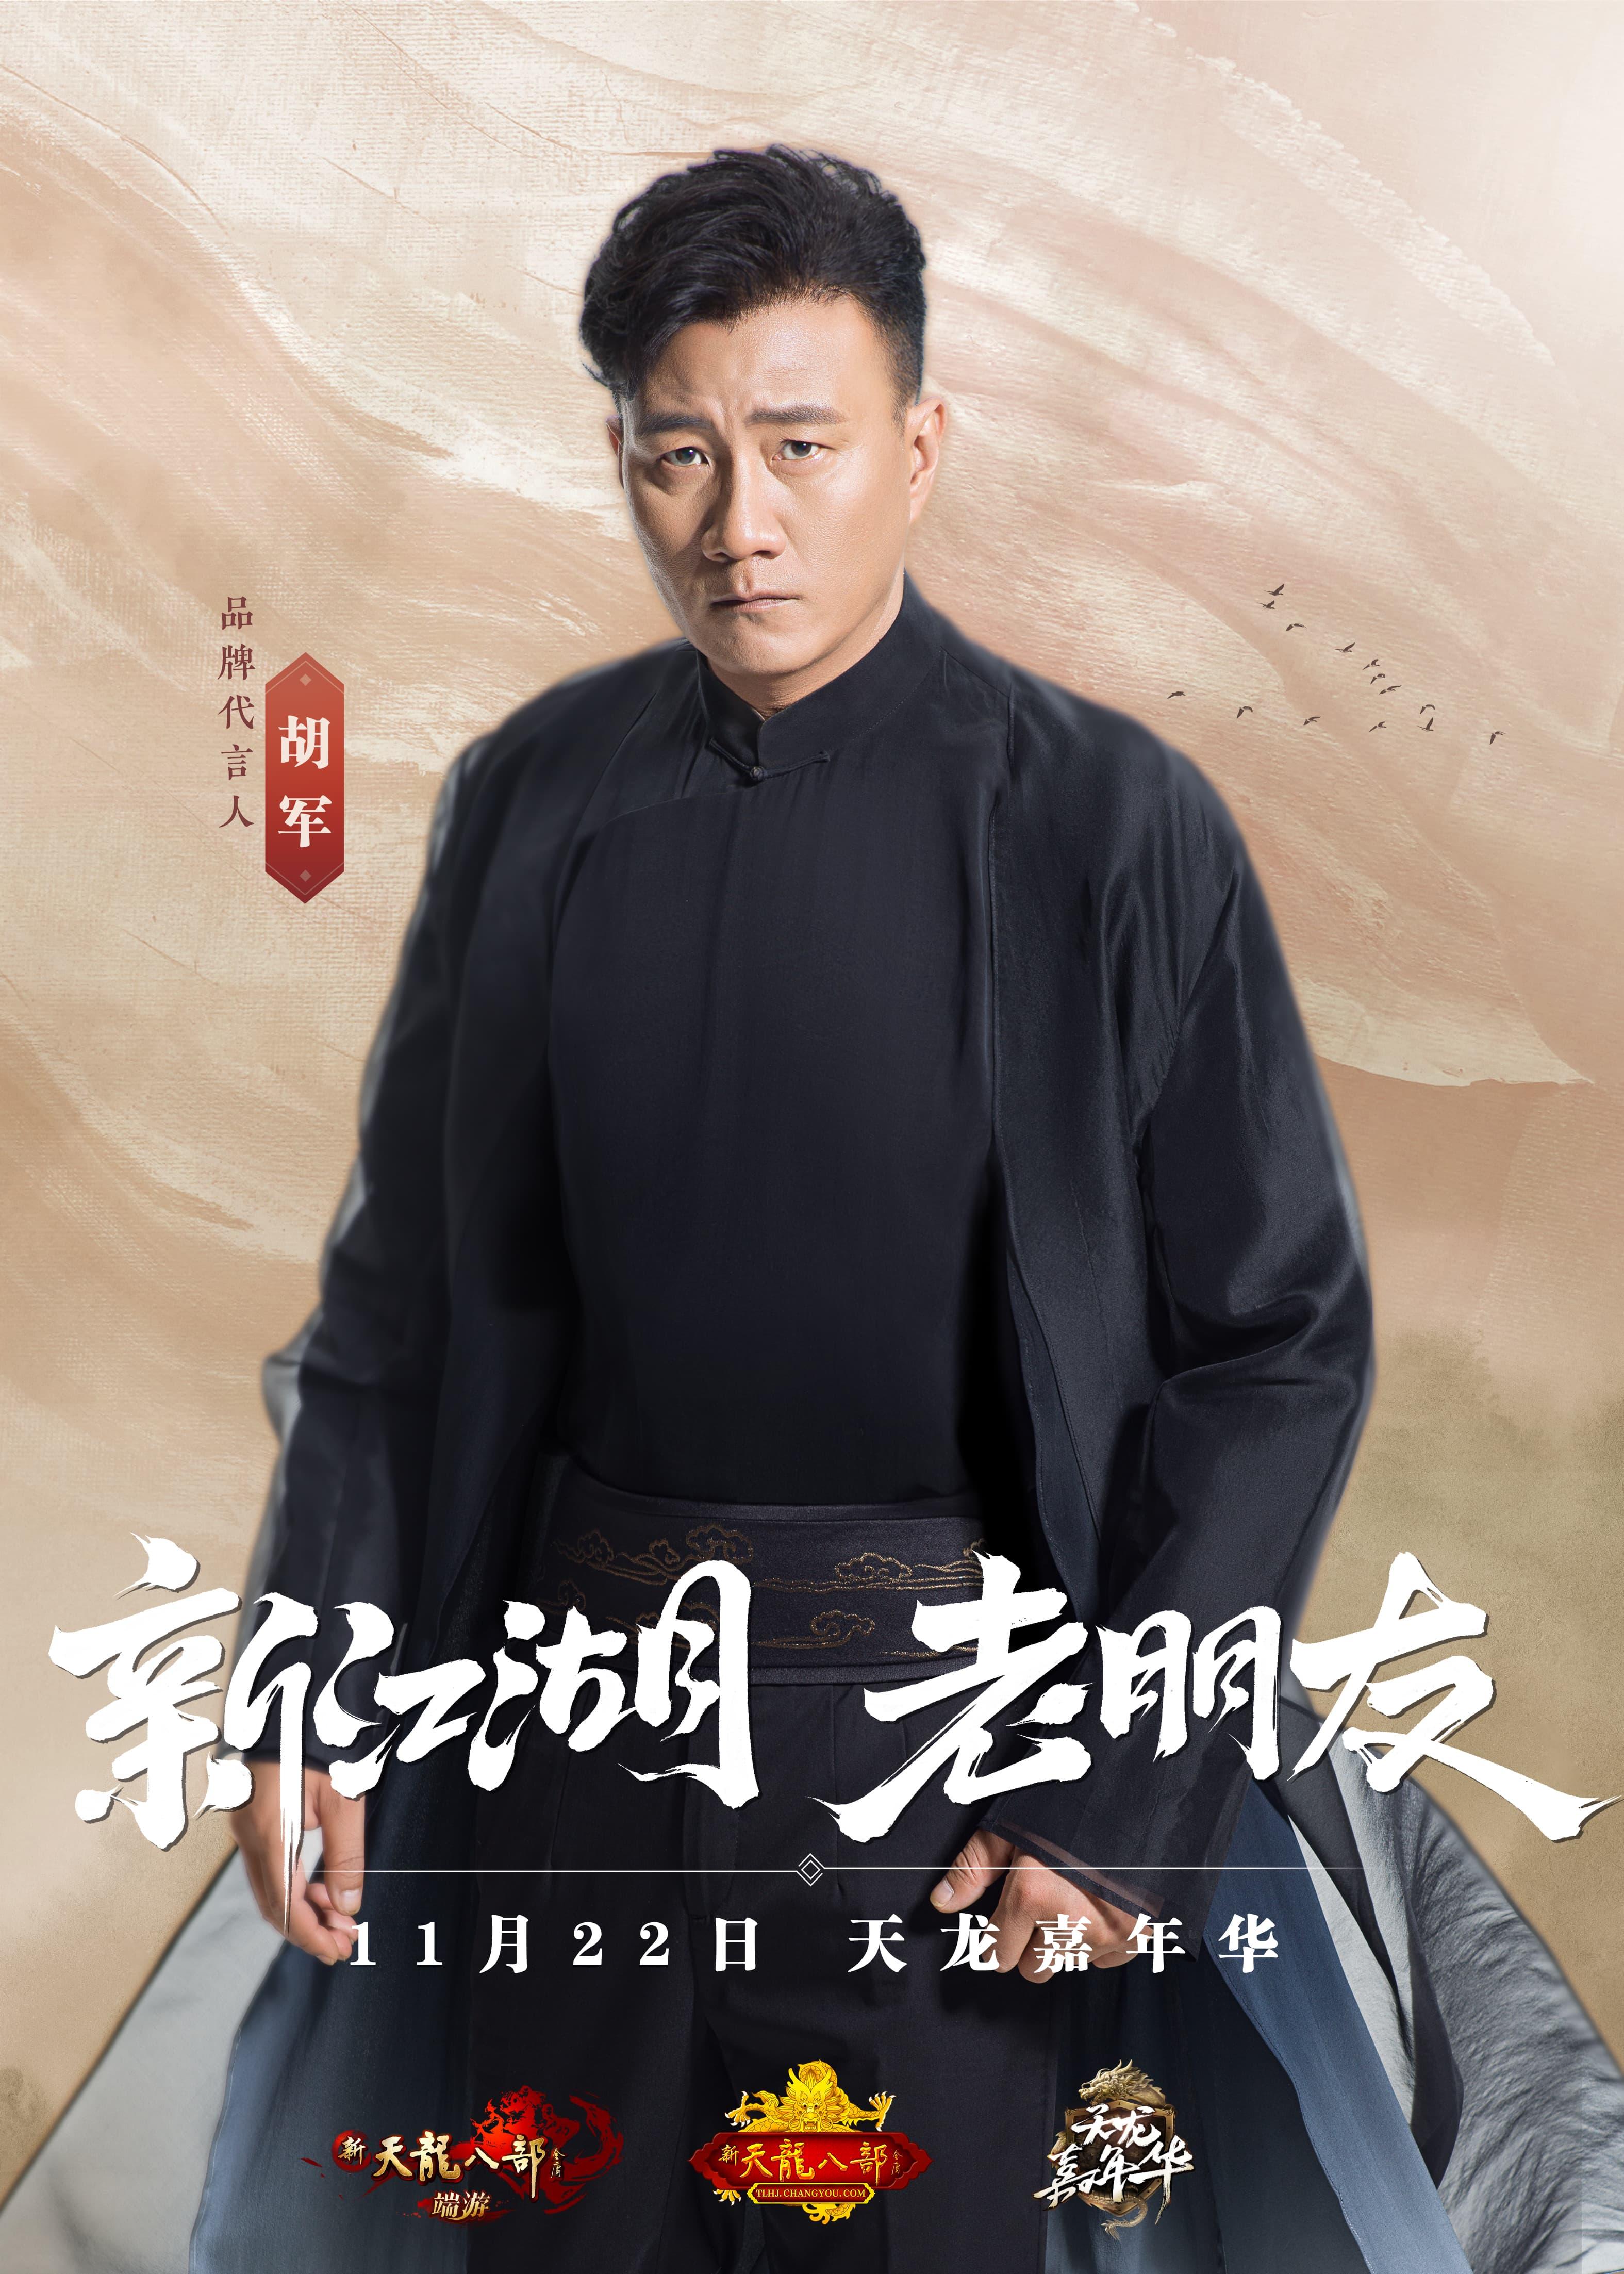 """胡军时隔十三载再度代言 新天龙""""风起汴京""""定档11.27"""